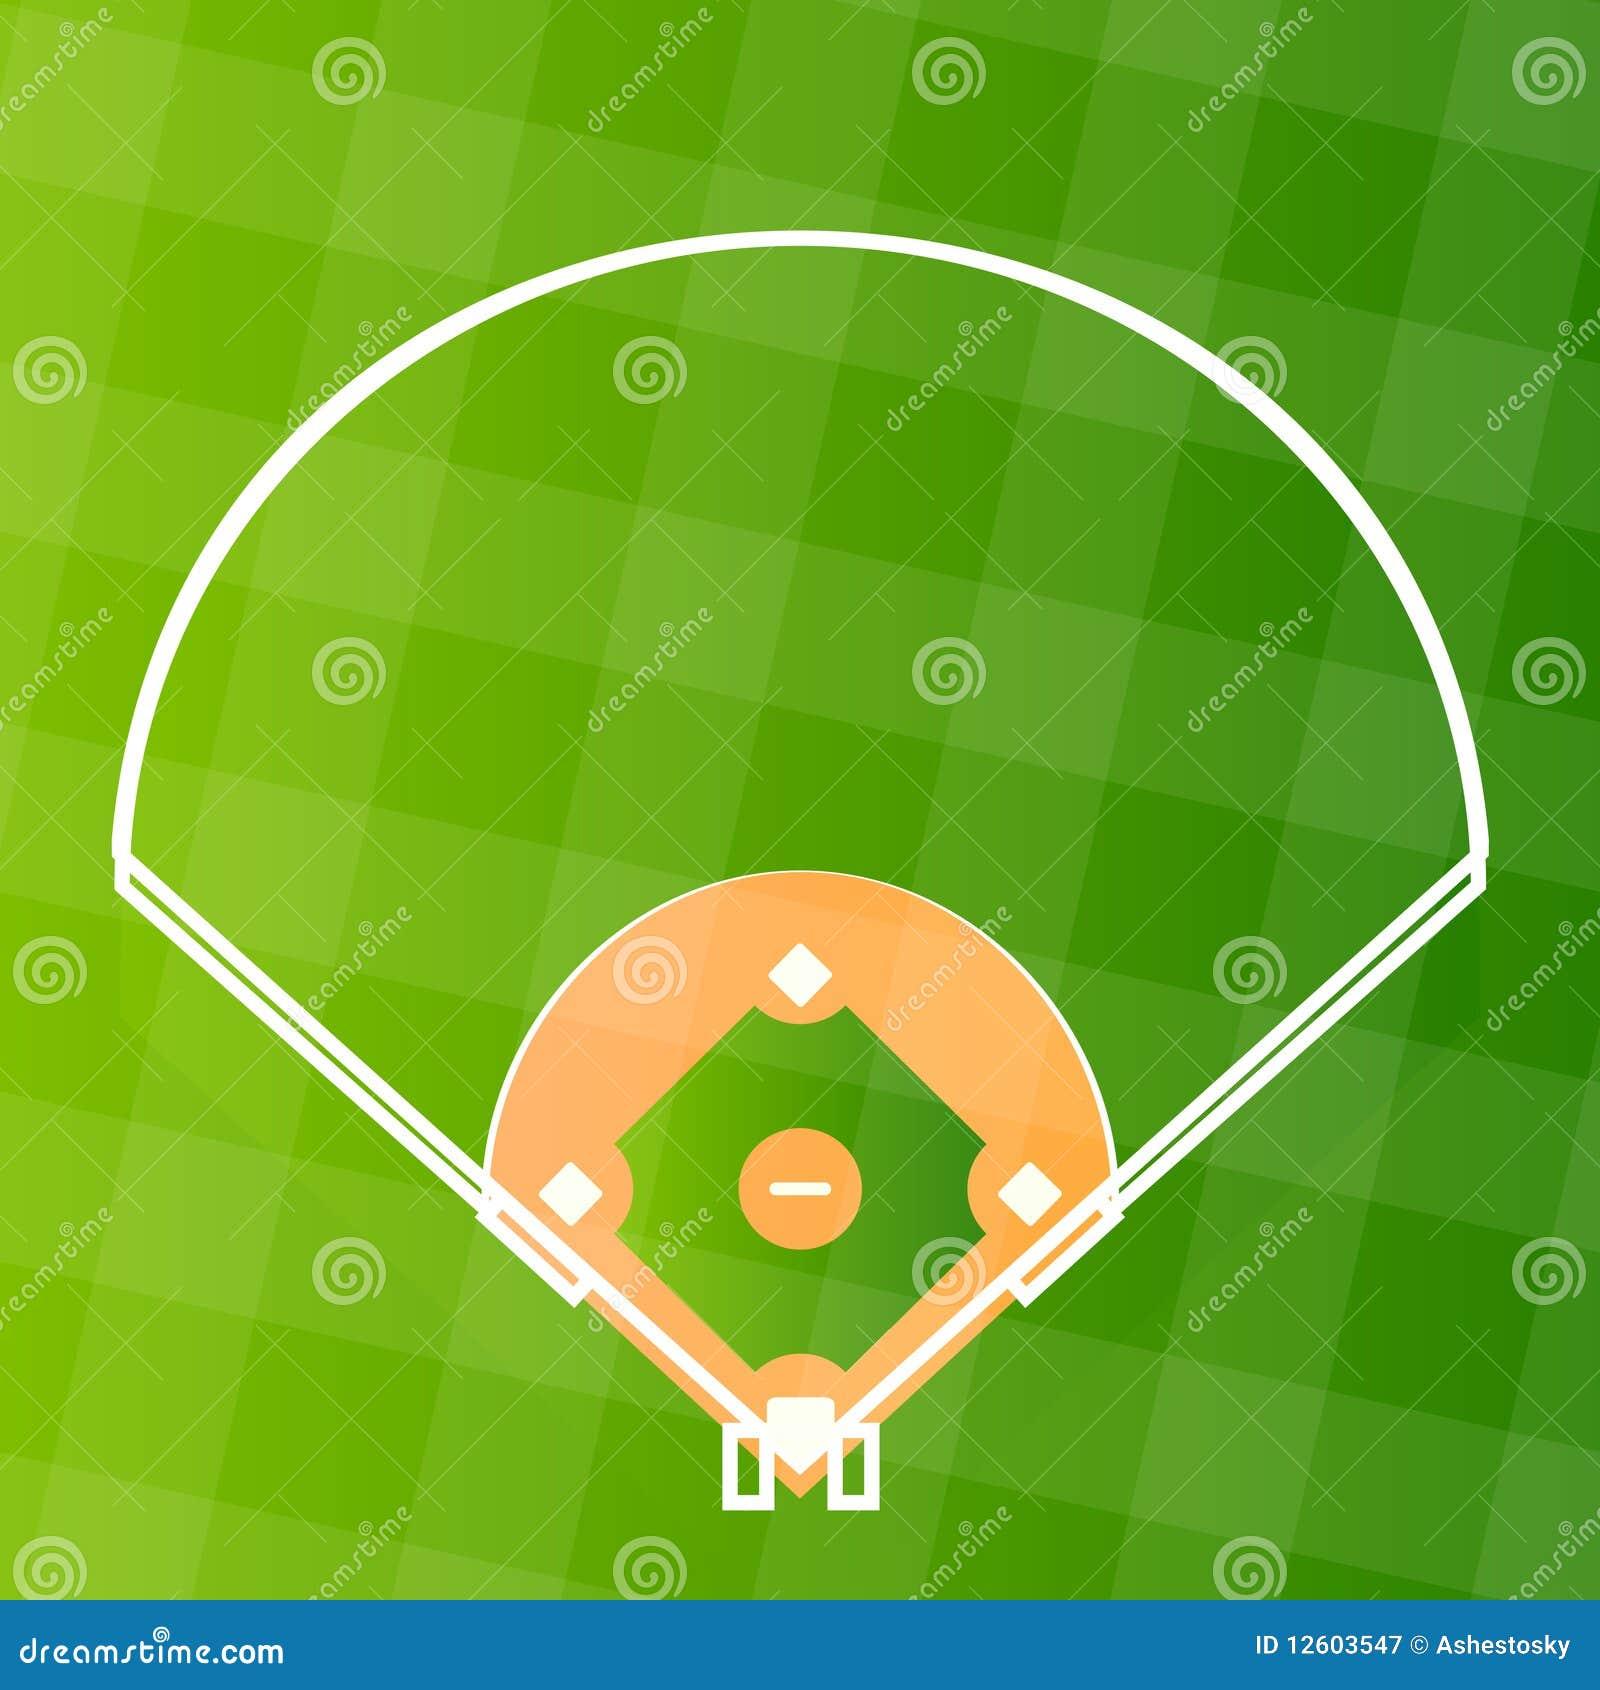 7e87e19c6dd3 Vector Baseball Regular Field Stock Vector - Illustration of field ...